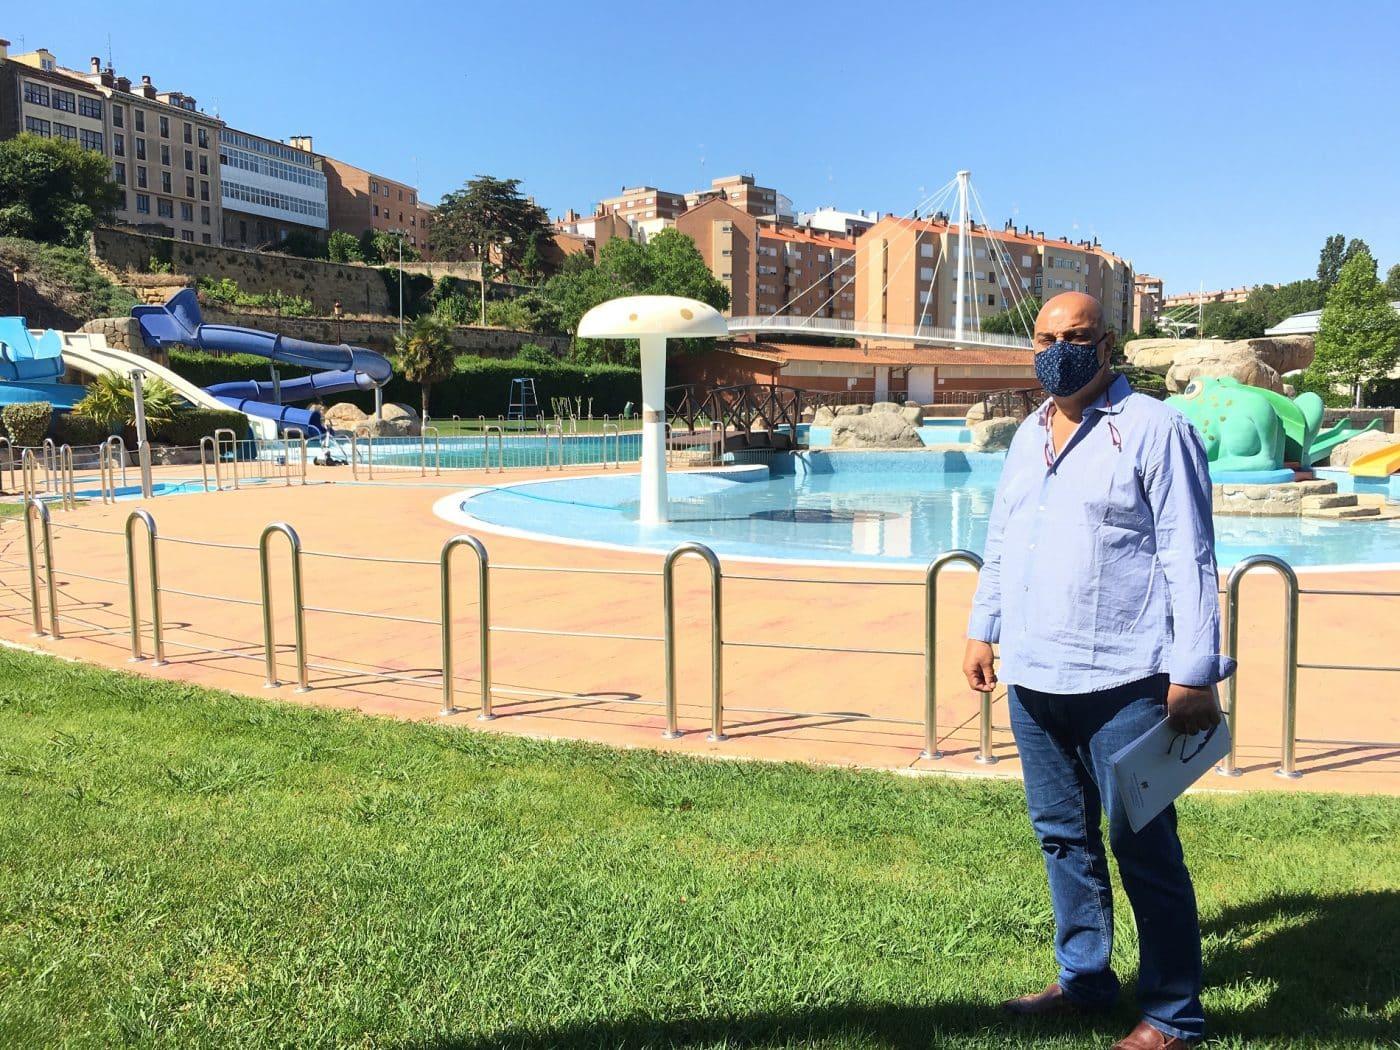 Las piscinas de verano de Haro registran 70.000 accesos, cerca de un 80 por ciento más que en 2020 1